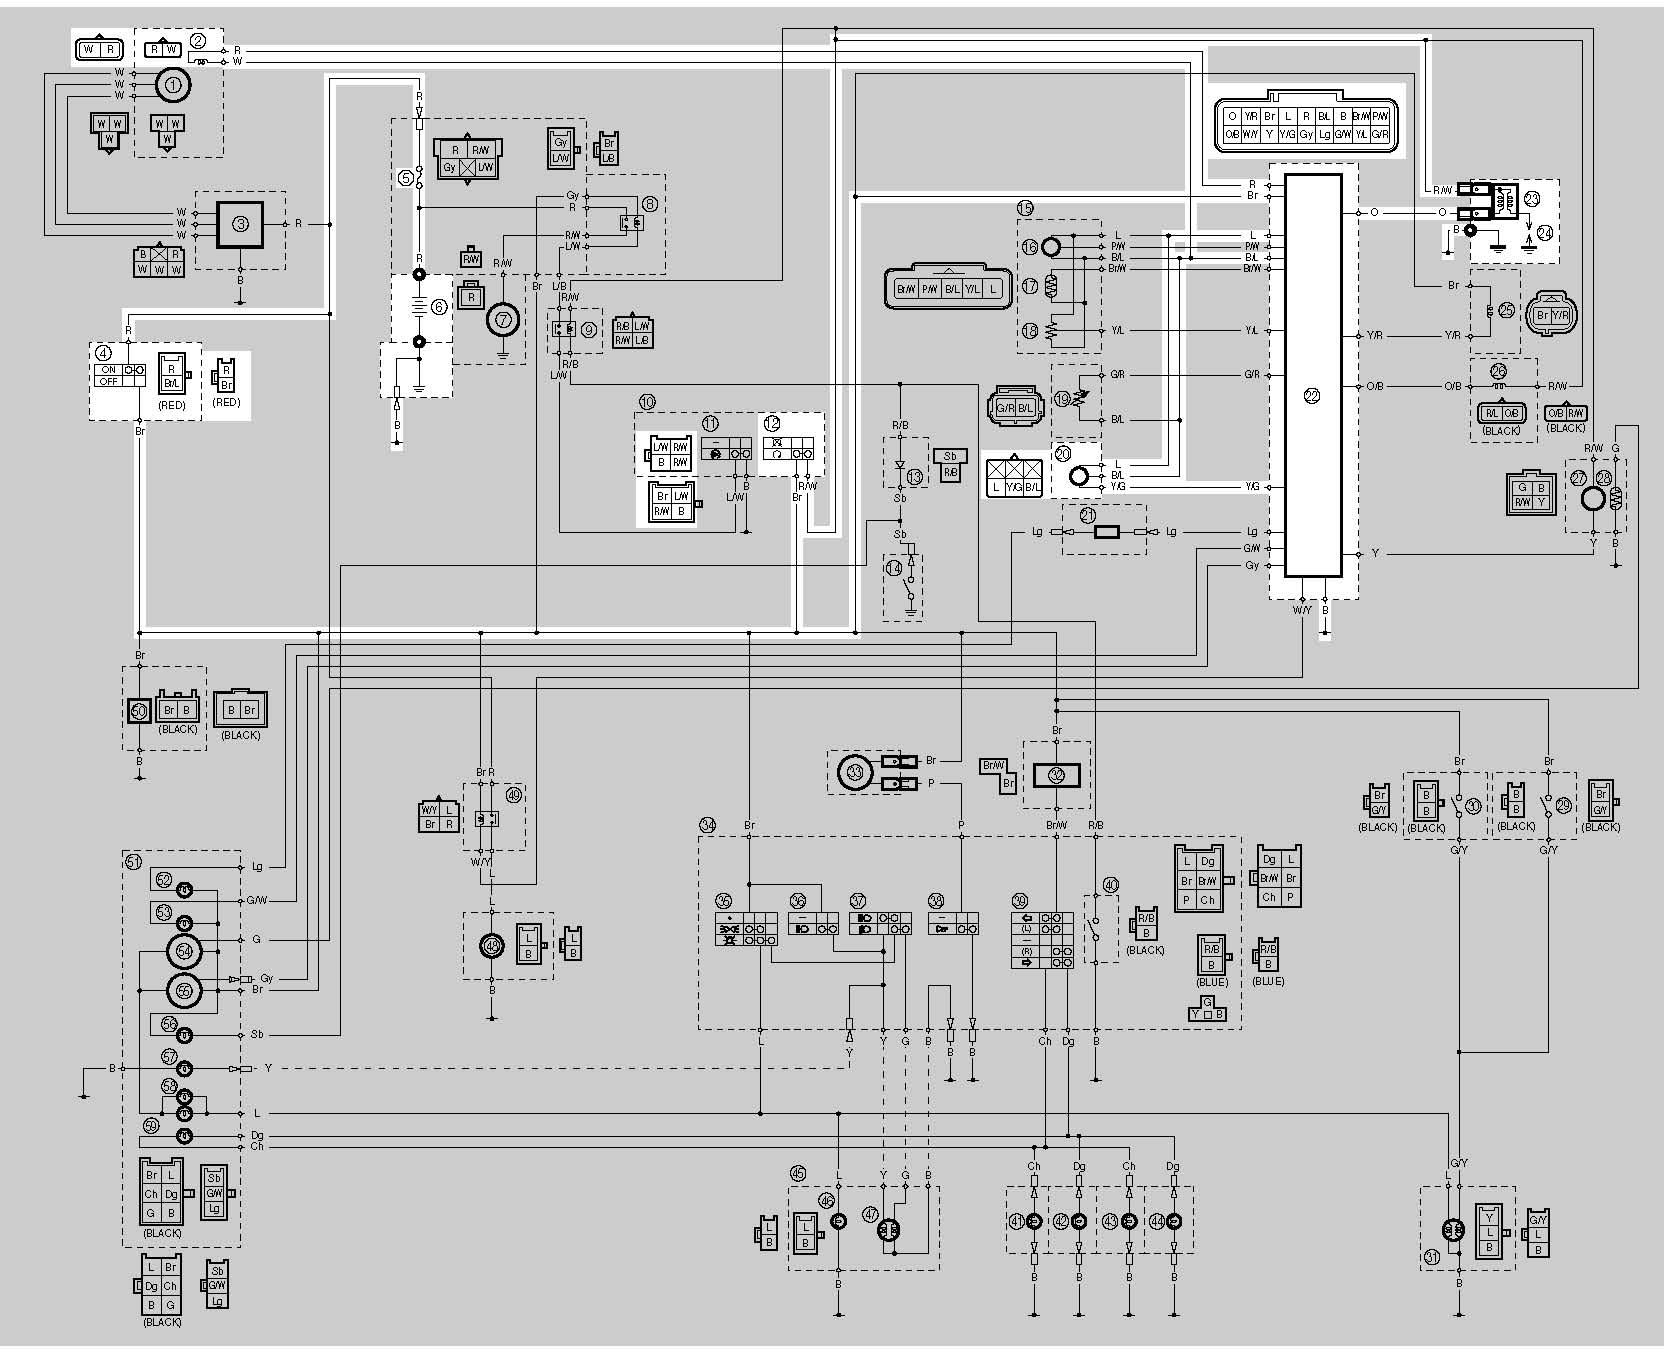 wiring diagram kabel body scorpio